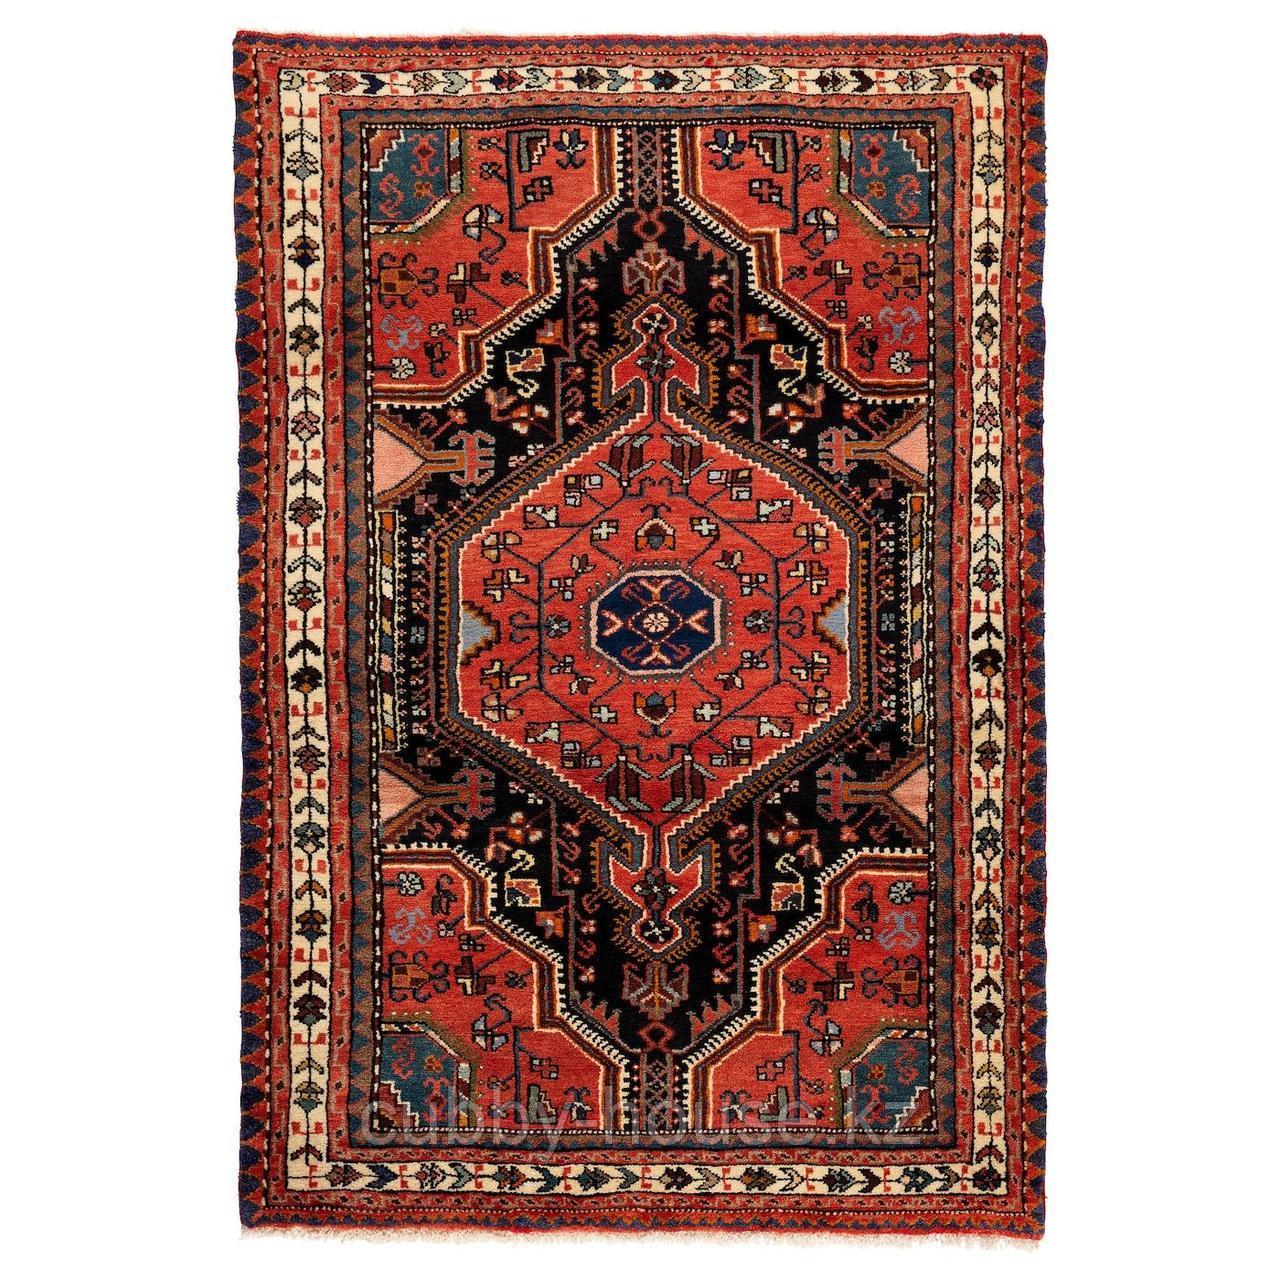 ПЕРСИСК ХАМАДАН Ковер, короткий ворс, ручная работа различные орнаменты, 100x150 см